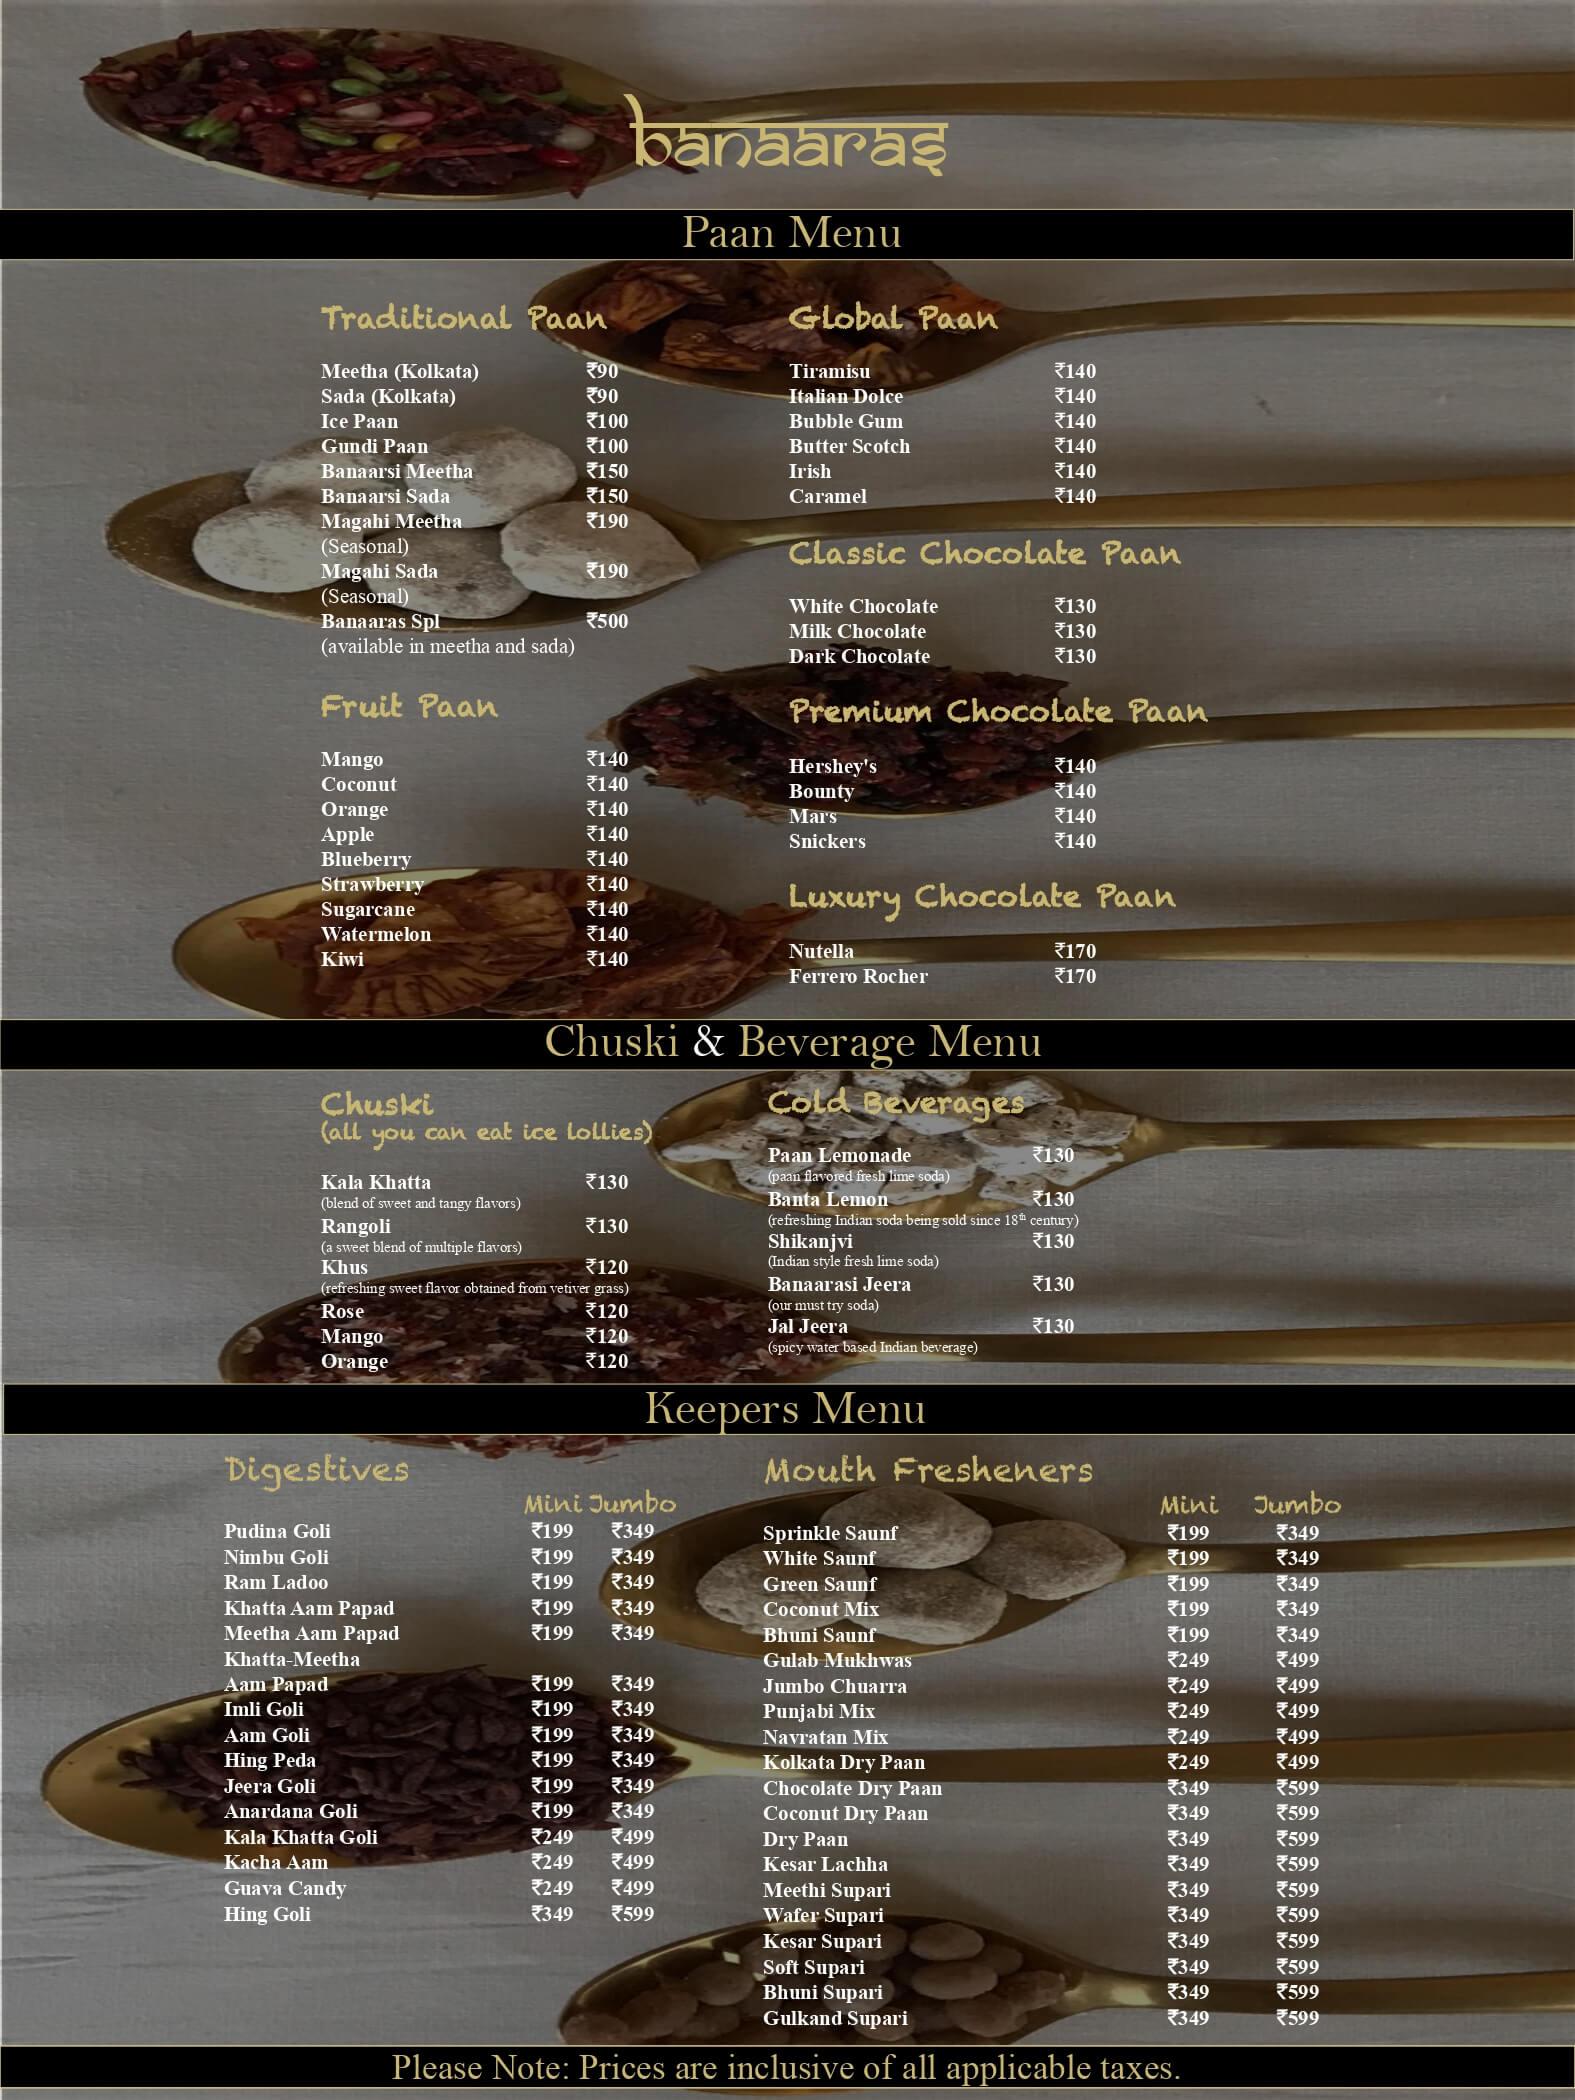 banaaras menu A3_pages-to-jpg-0001